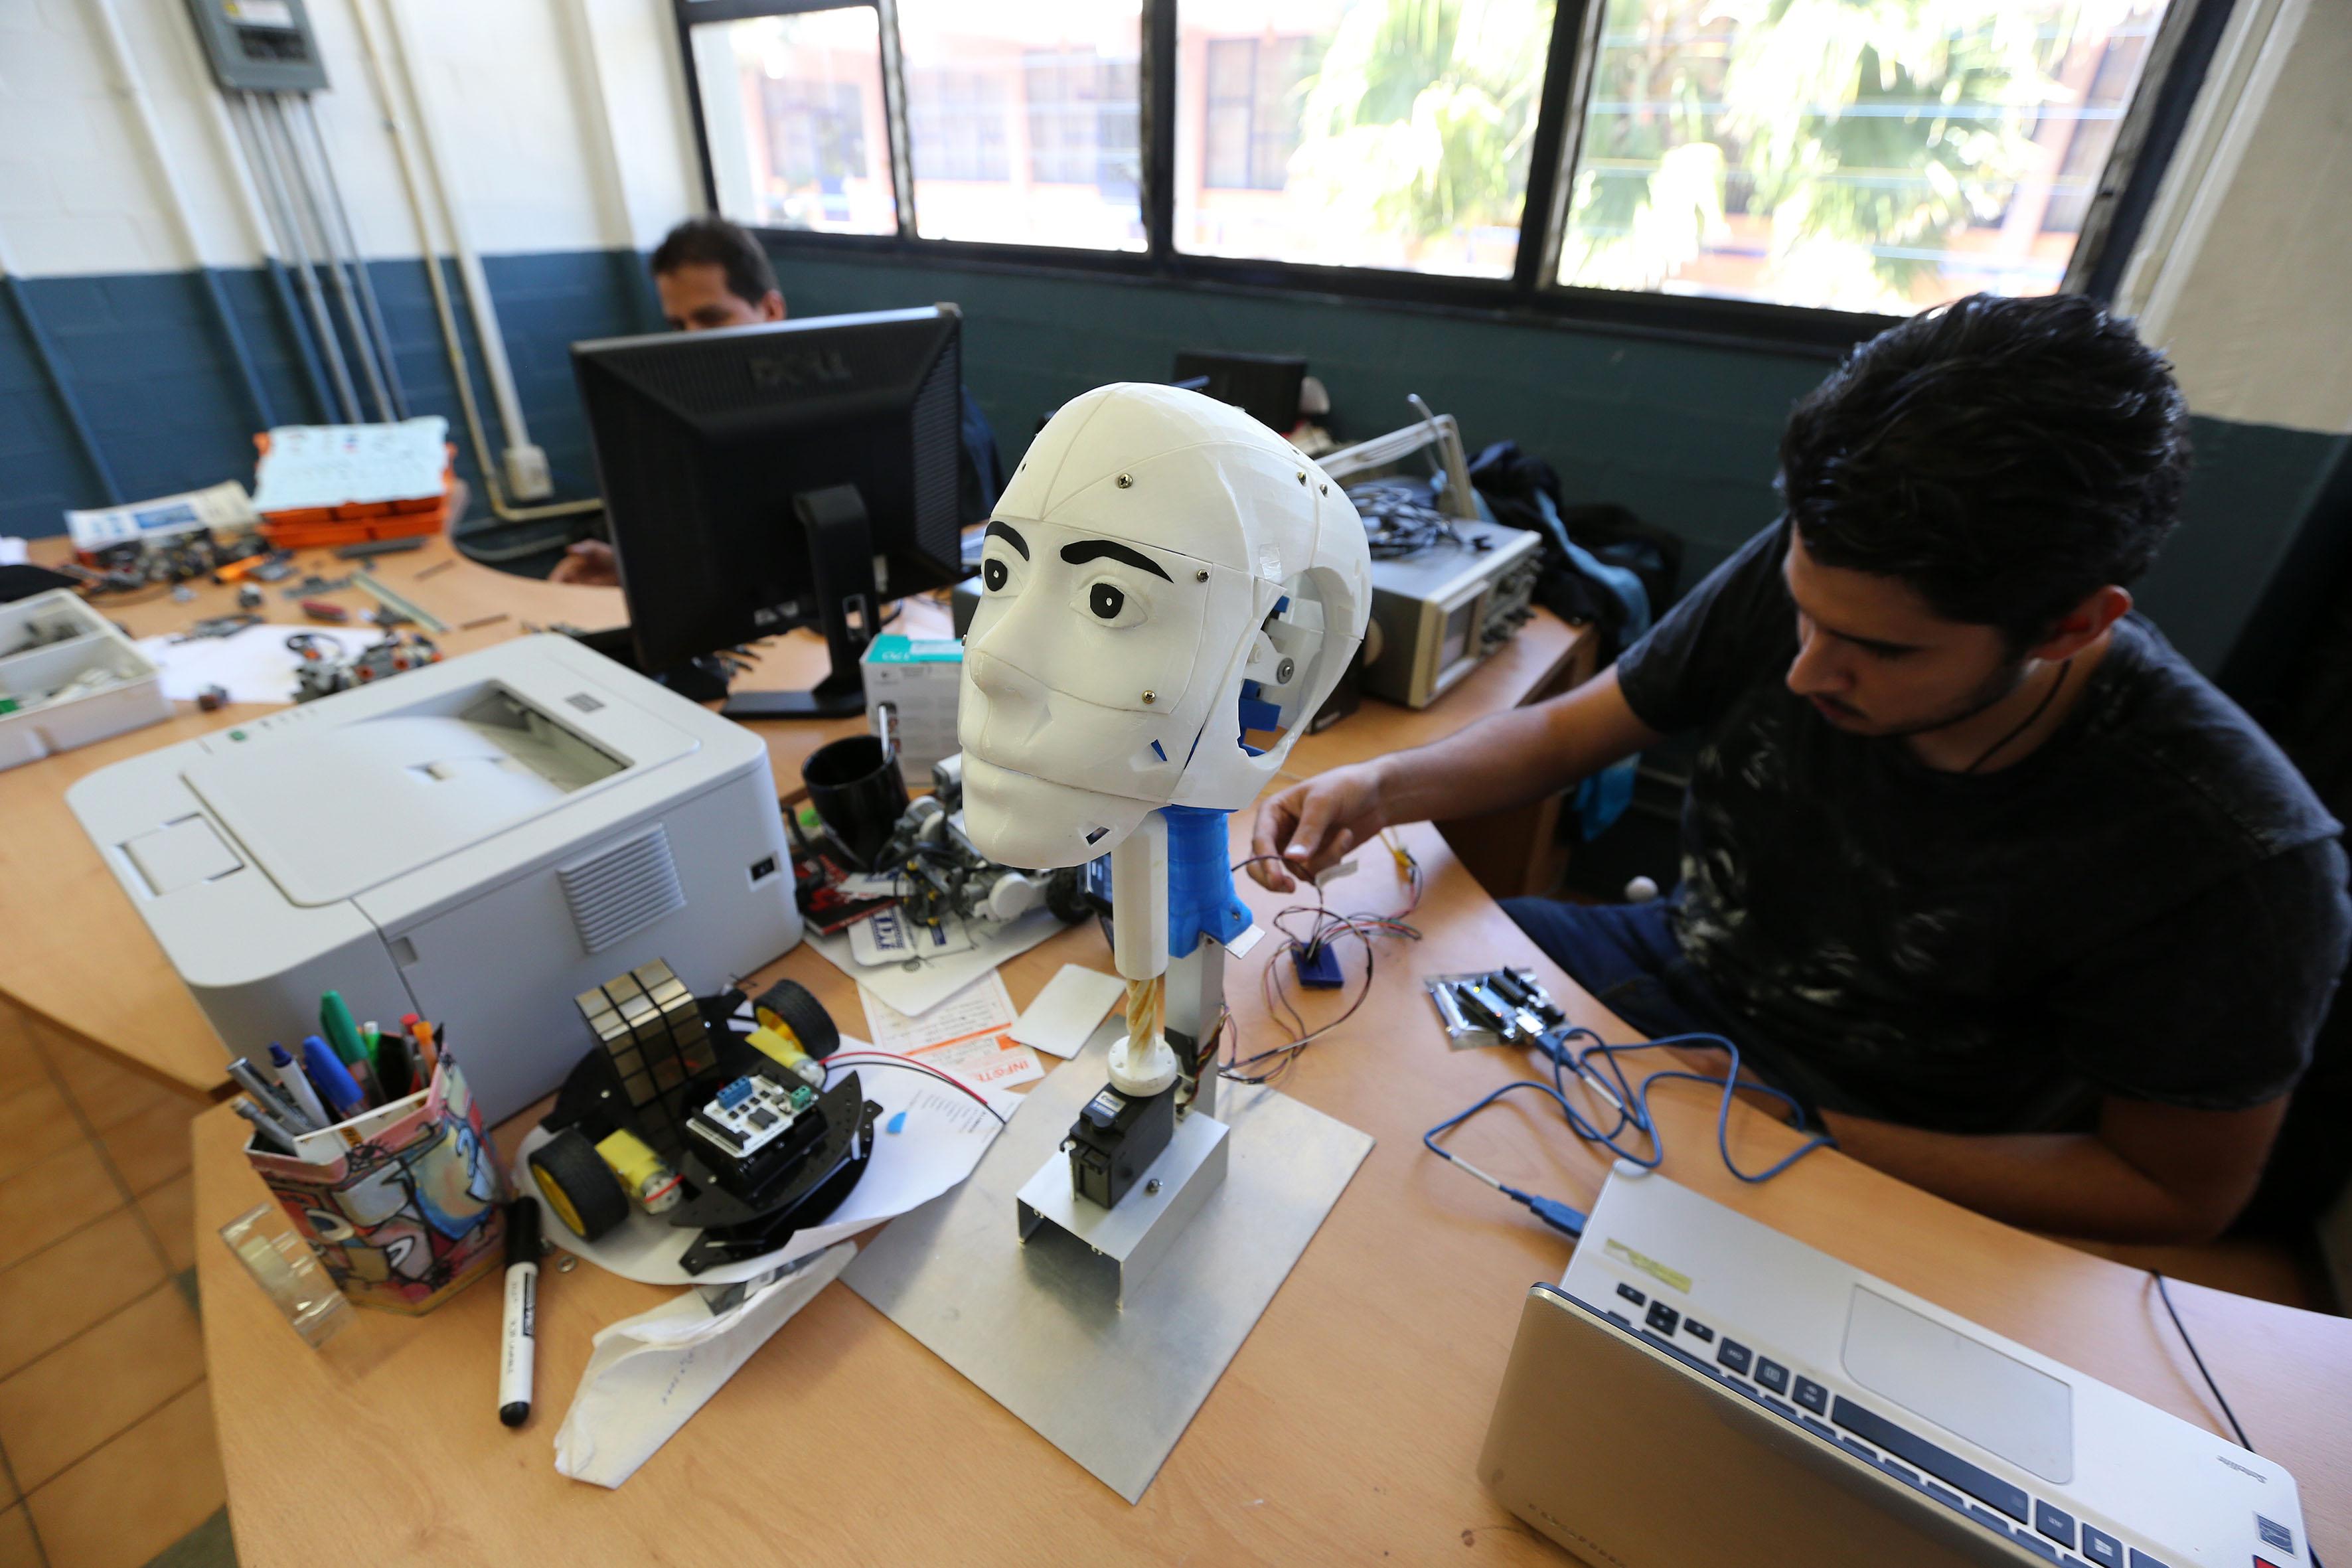 Programador, manipulando los sensores y microcontroladores de un robot para crear movimiento.